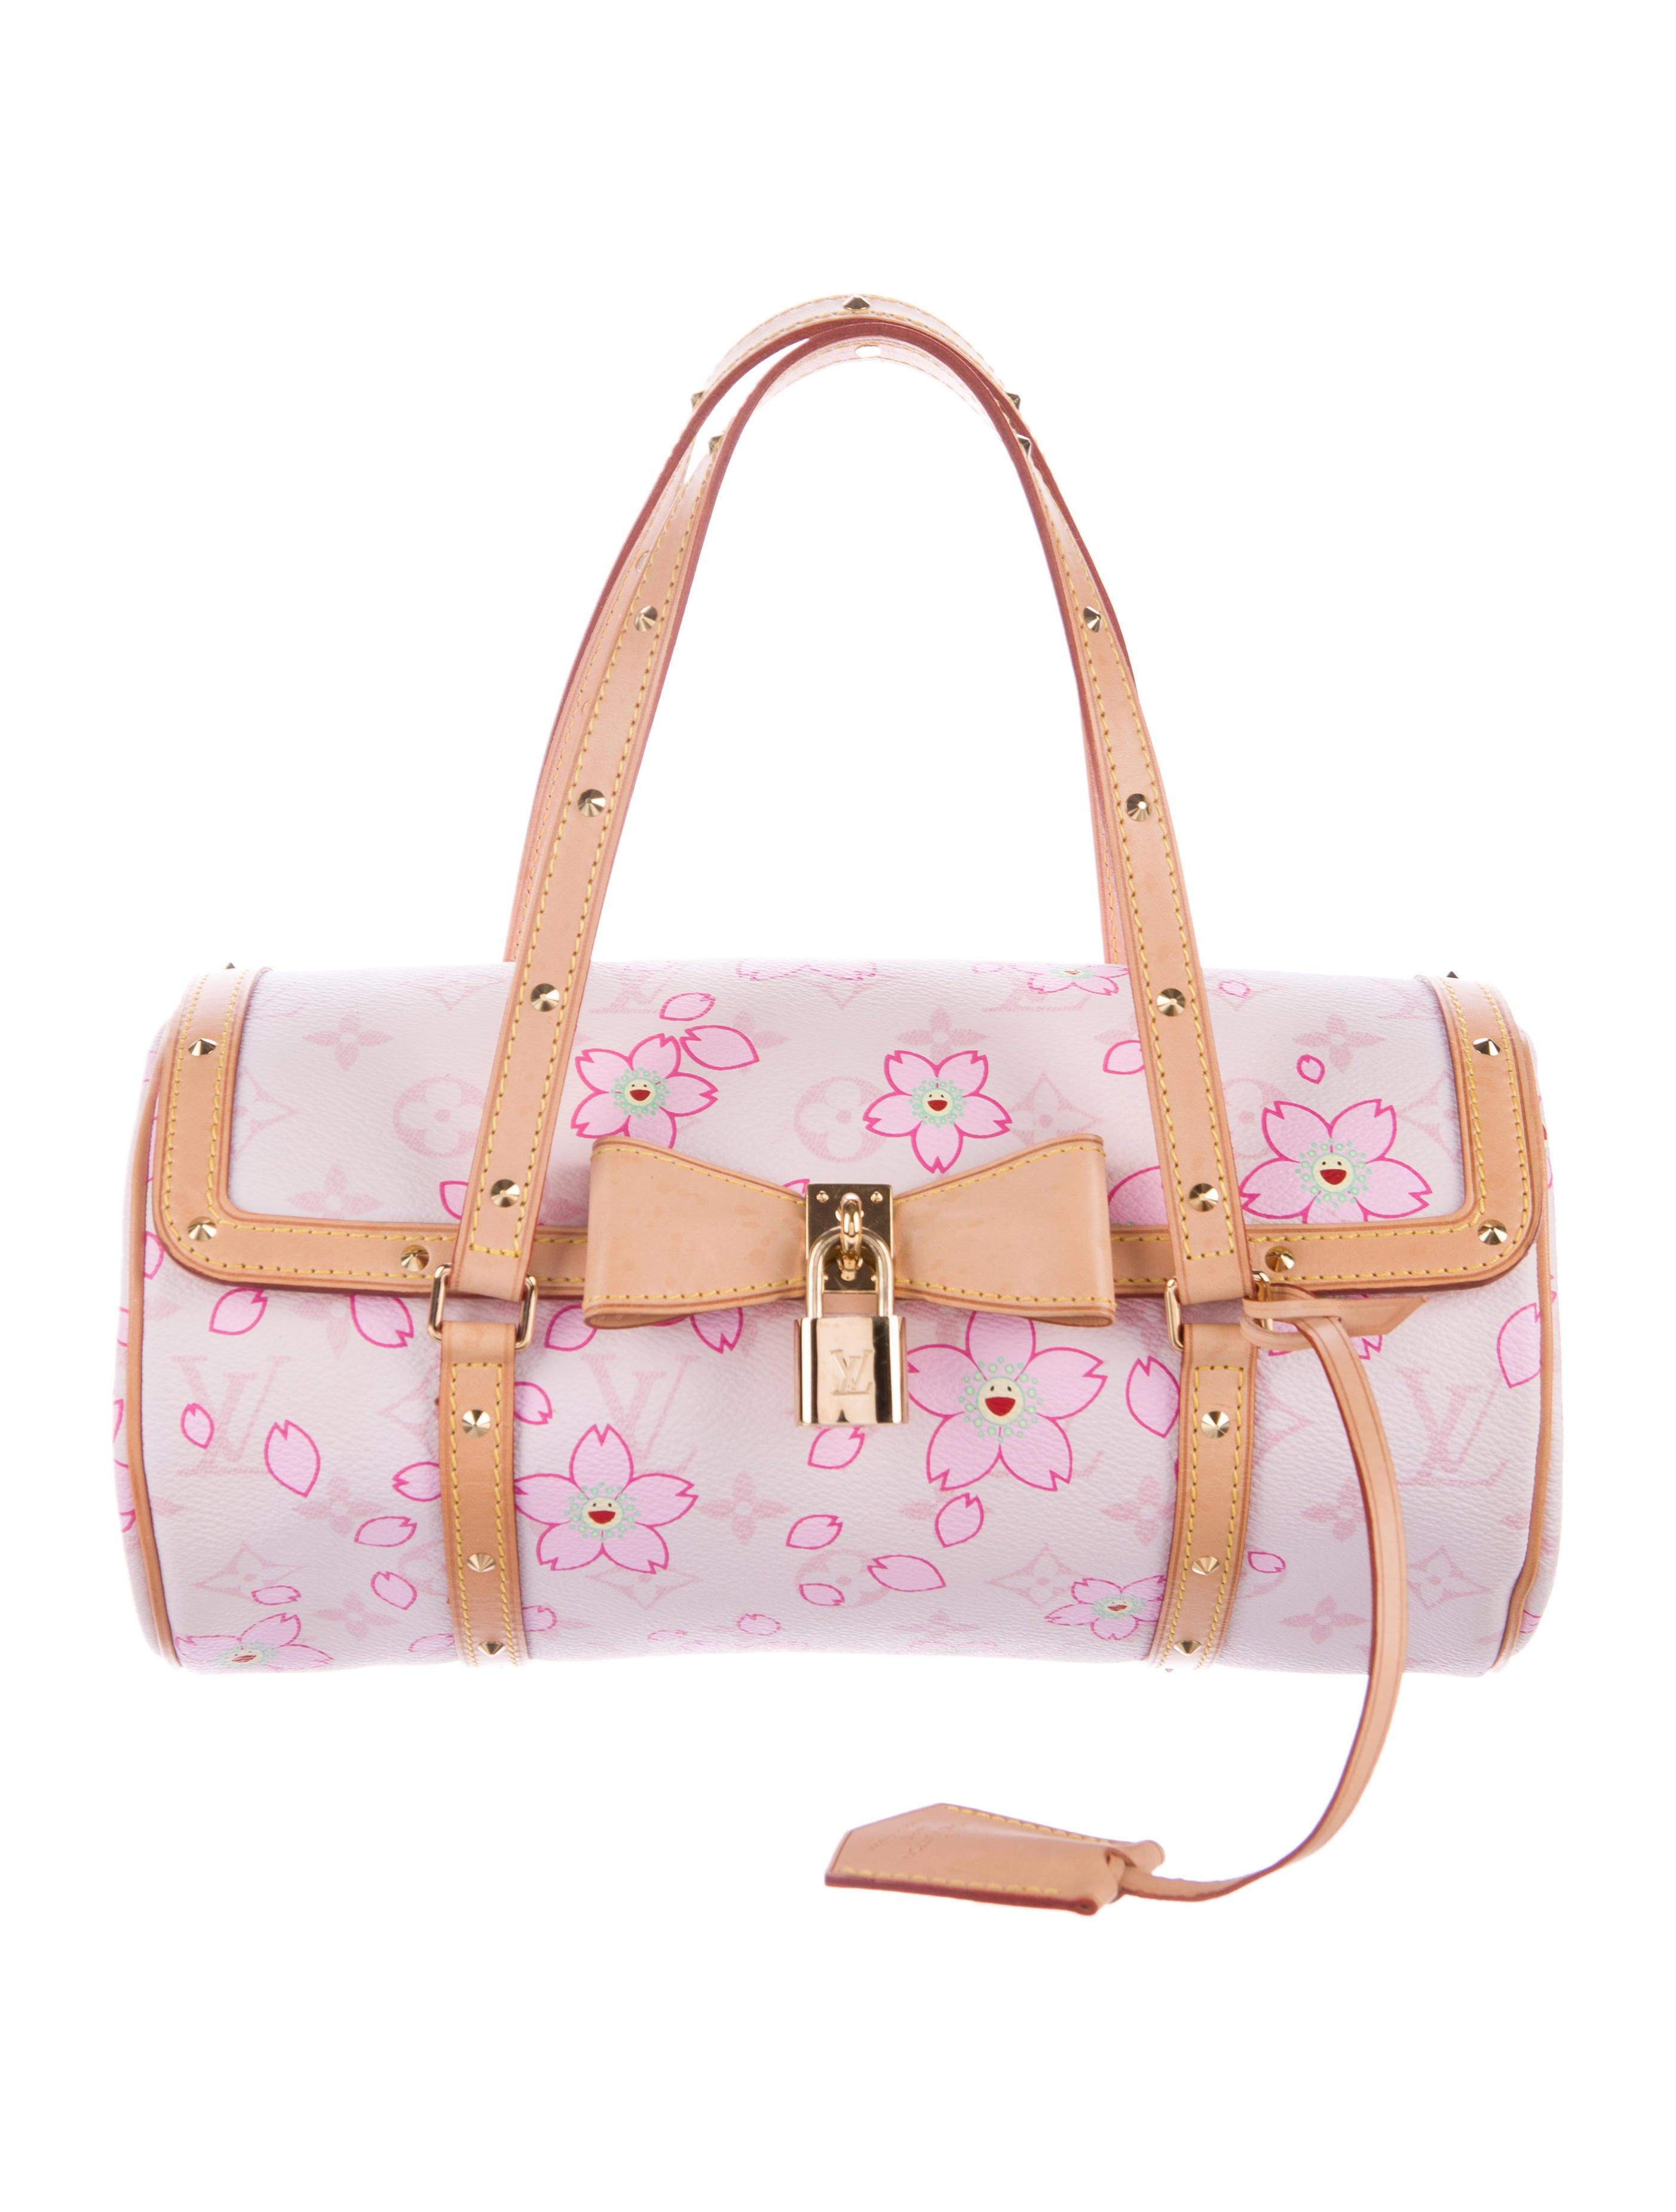 34f8844adb19 Louis Vuitton Cherry Blossom Papillon Replica